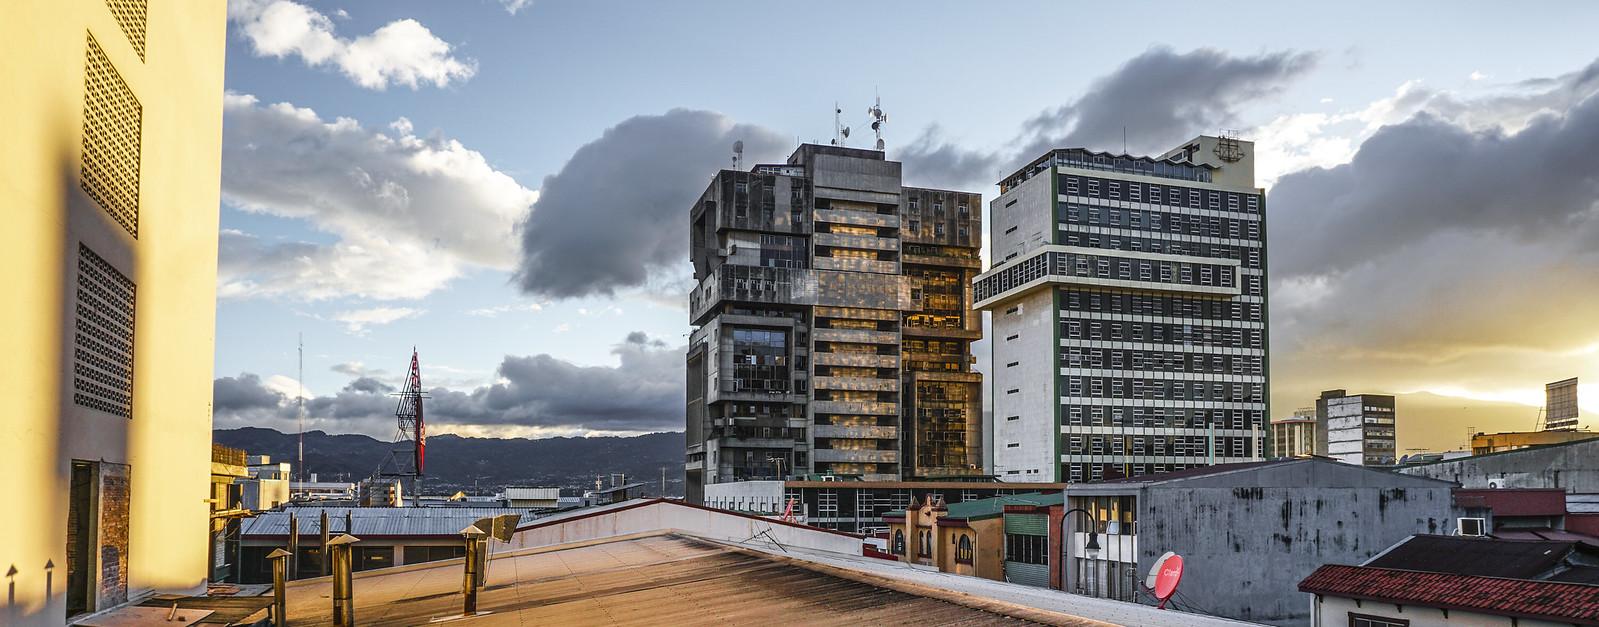 Edificio jenaro valverde torre anexa ccss y laureano for Blau hotels oficinas centrales